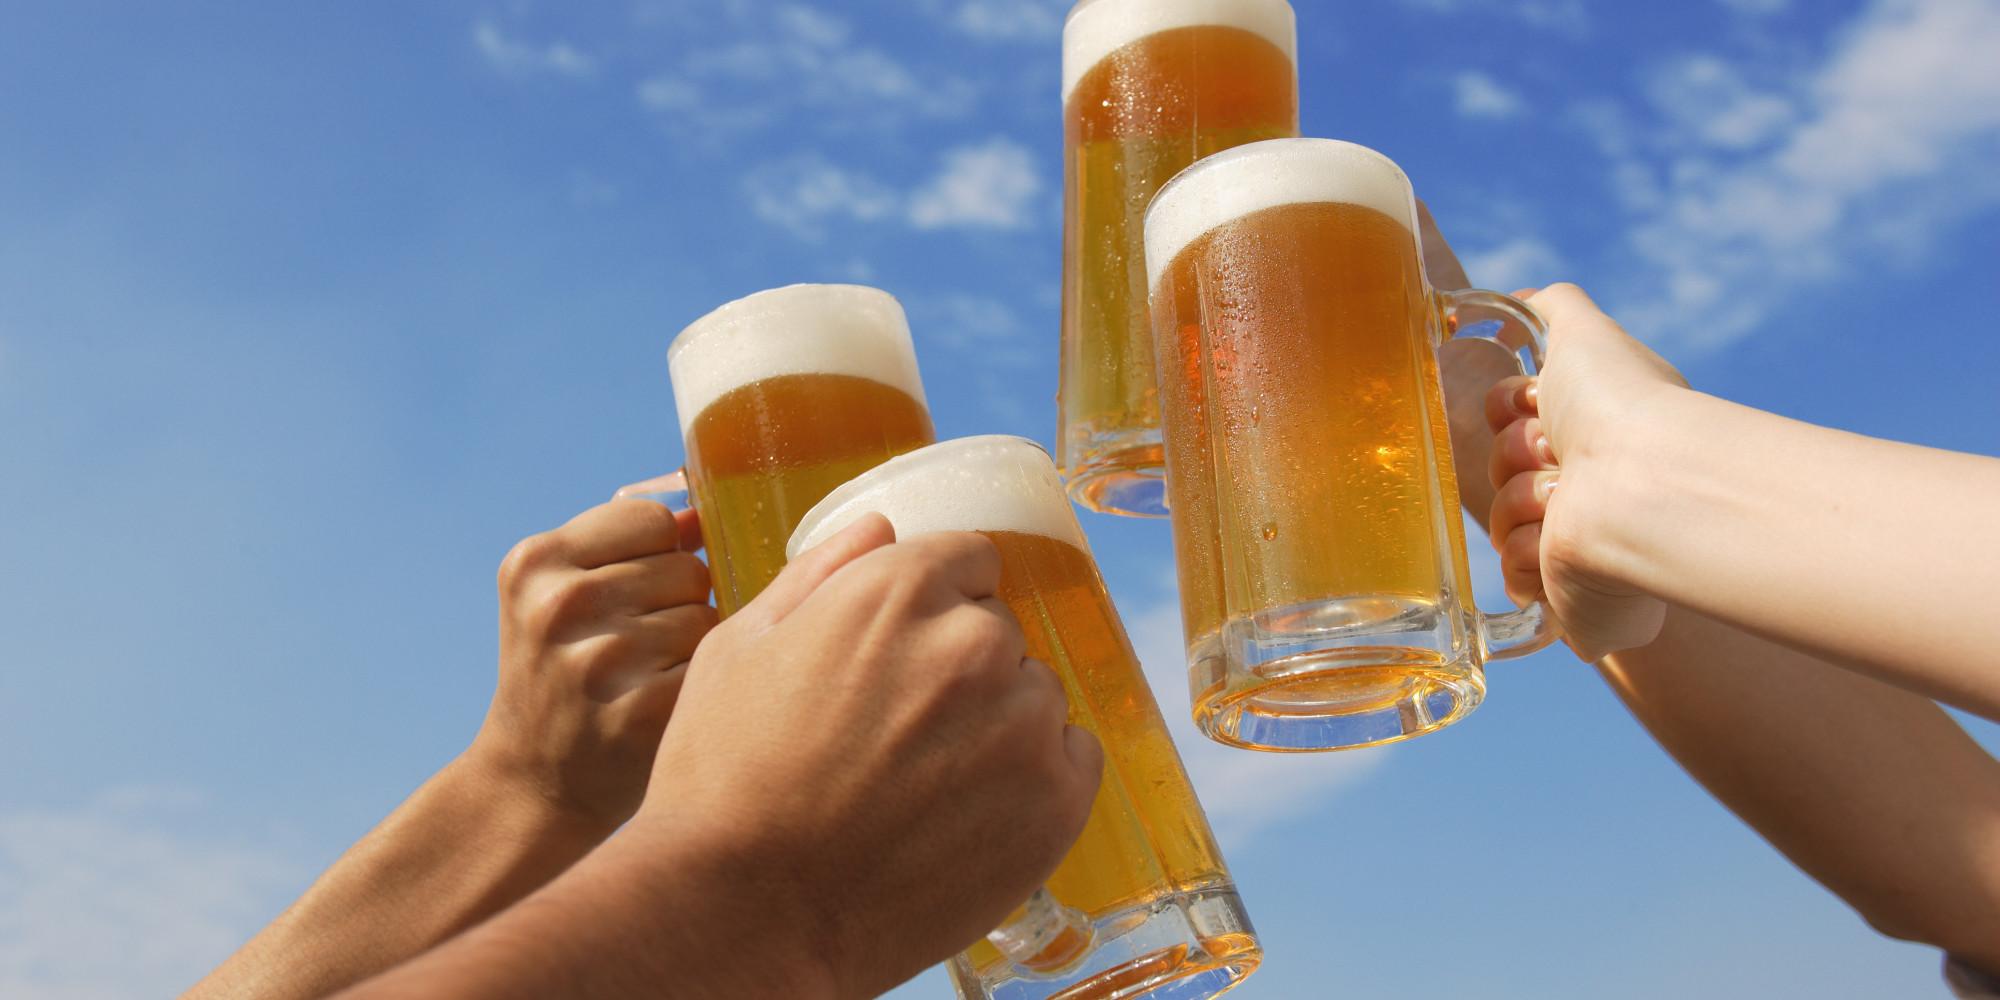 Lançada no Canadá, cerveja extraída da maconha substitui álcool por THC